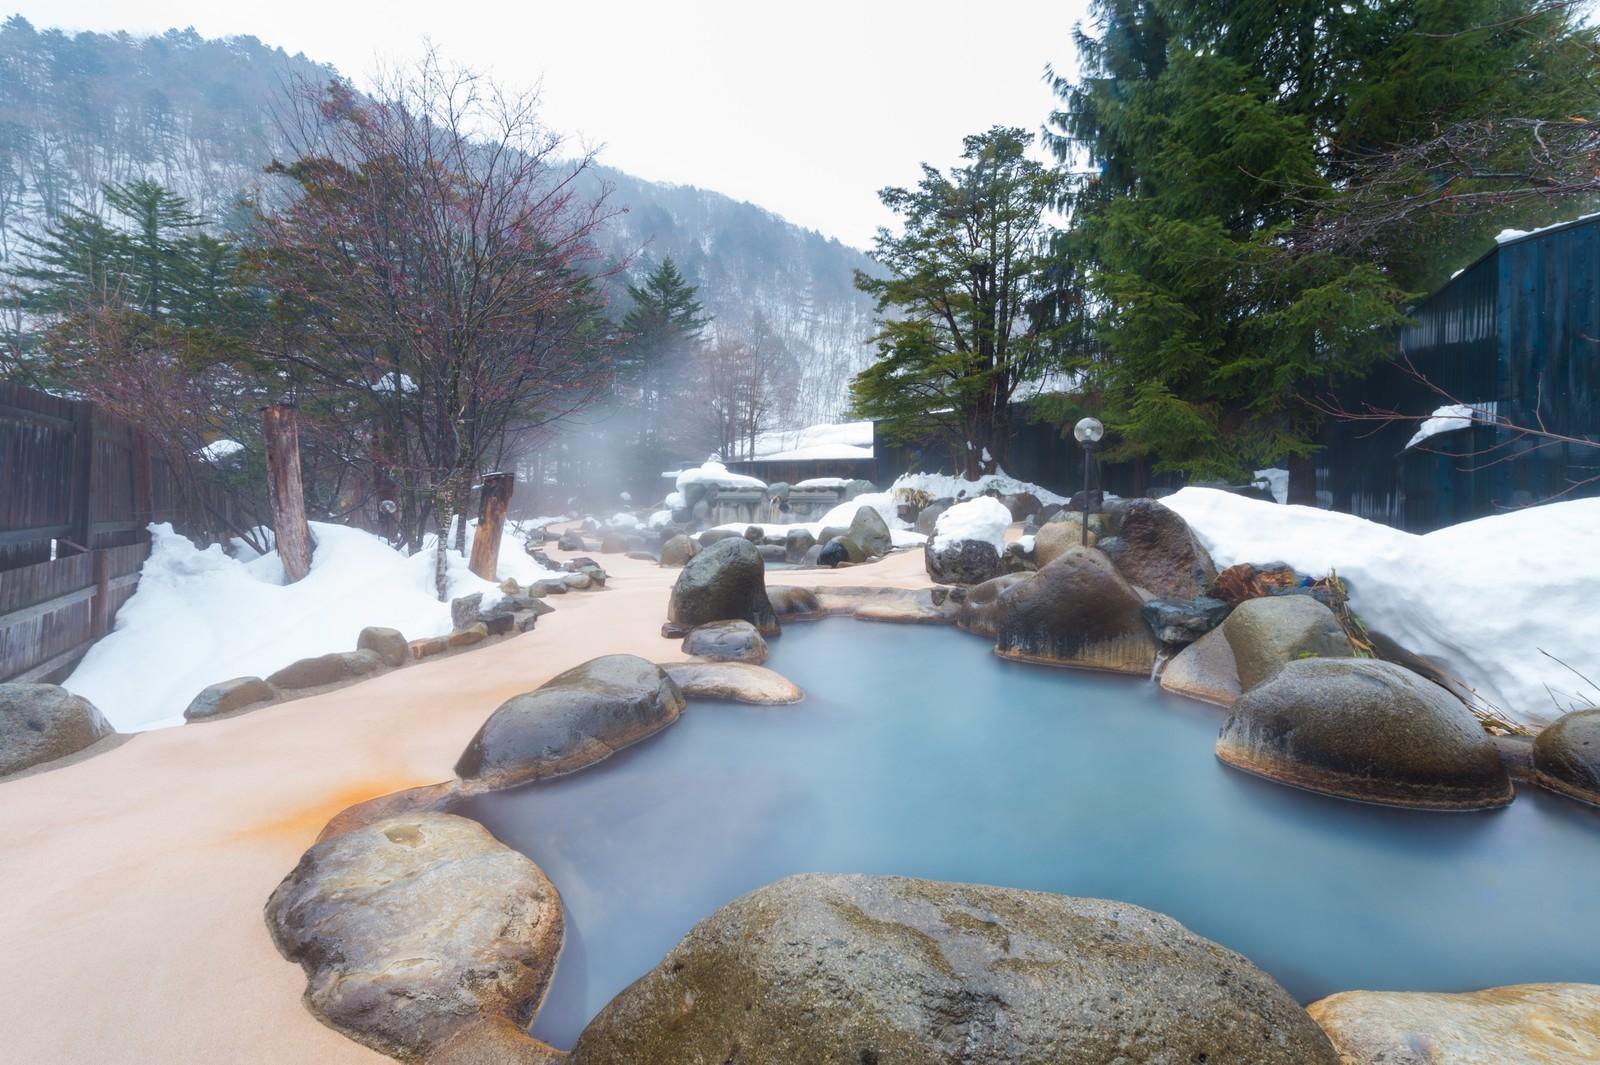 【實用】日本溫泉旅館的工具網站:ゆこゆこ